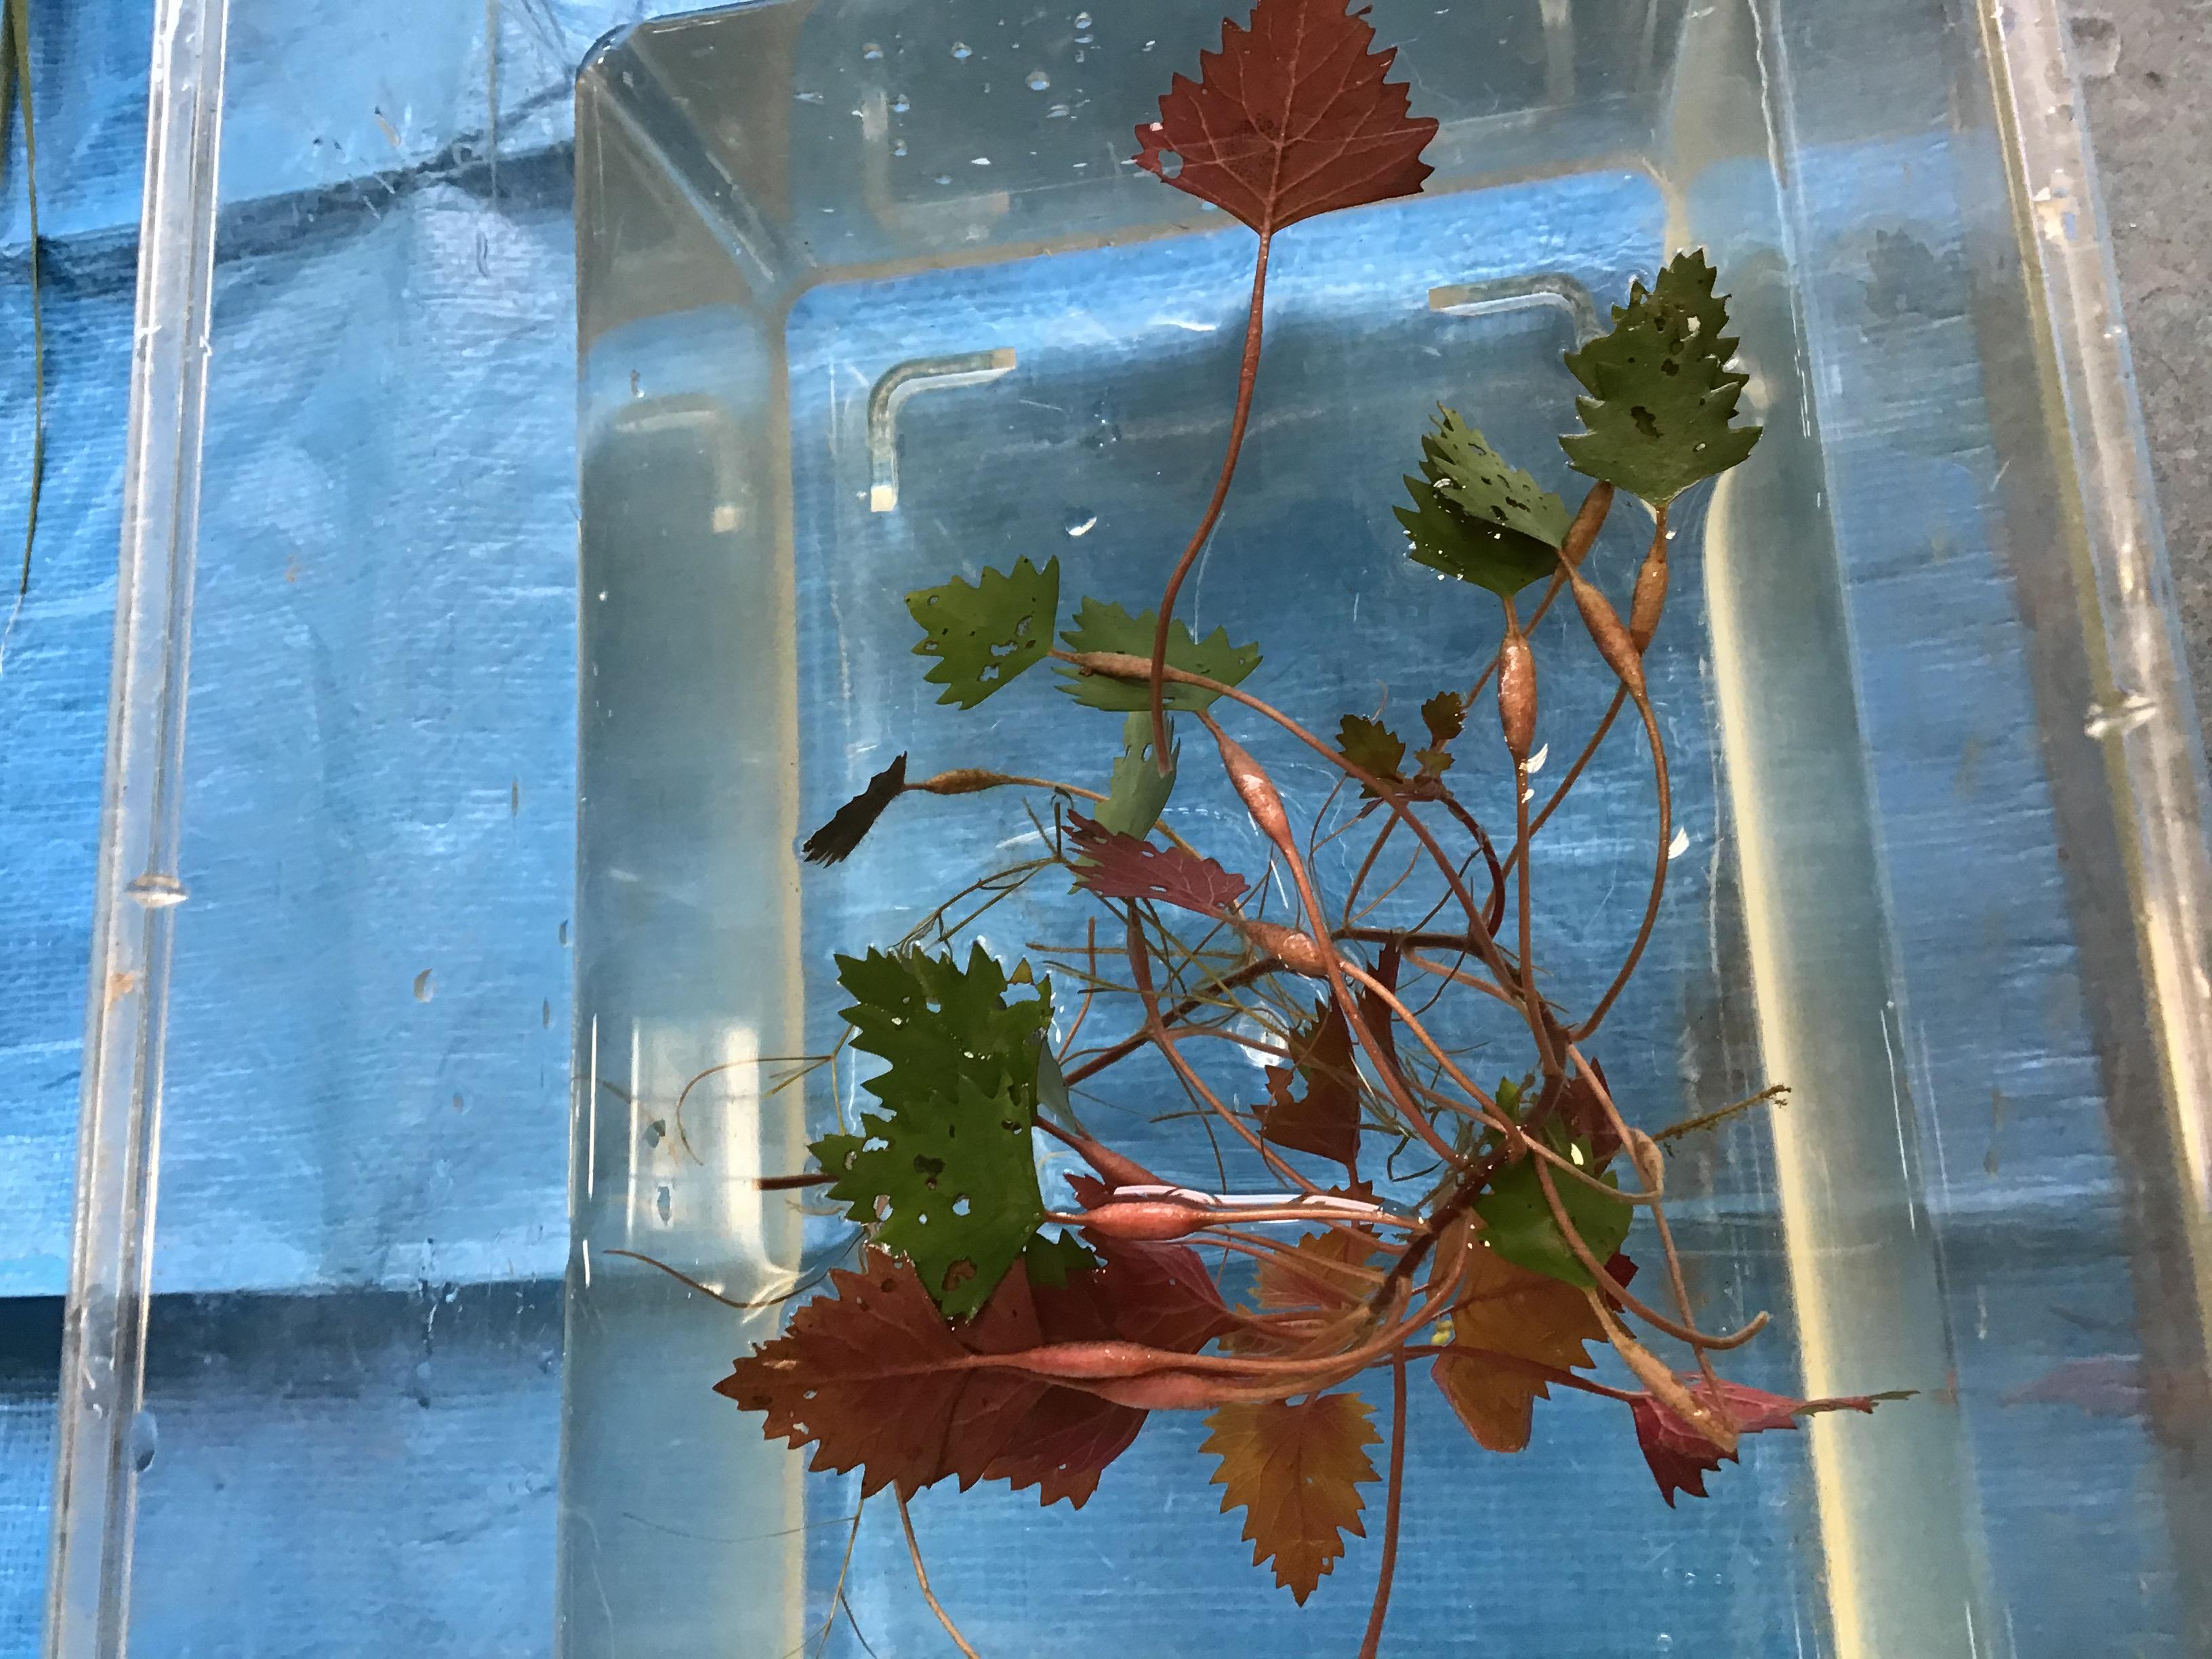 【参考】碓井先生説明の菱。ひし形の葉っぱの下のふくらみは、浮輪の役目をします。明石のはらくらぶの黒ちゃん(黒木さん)が皿池で胴長履いていても背中から水が入って採取してくれたんだぞ。感謝